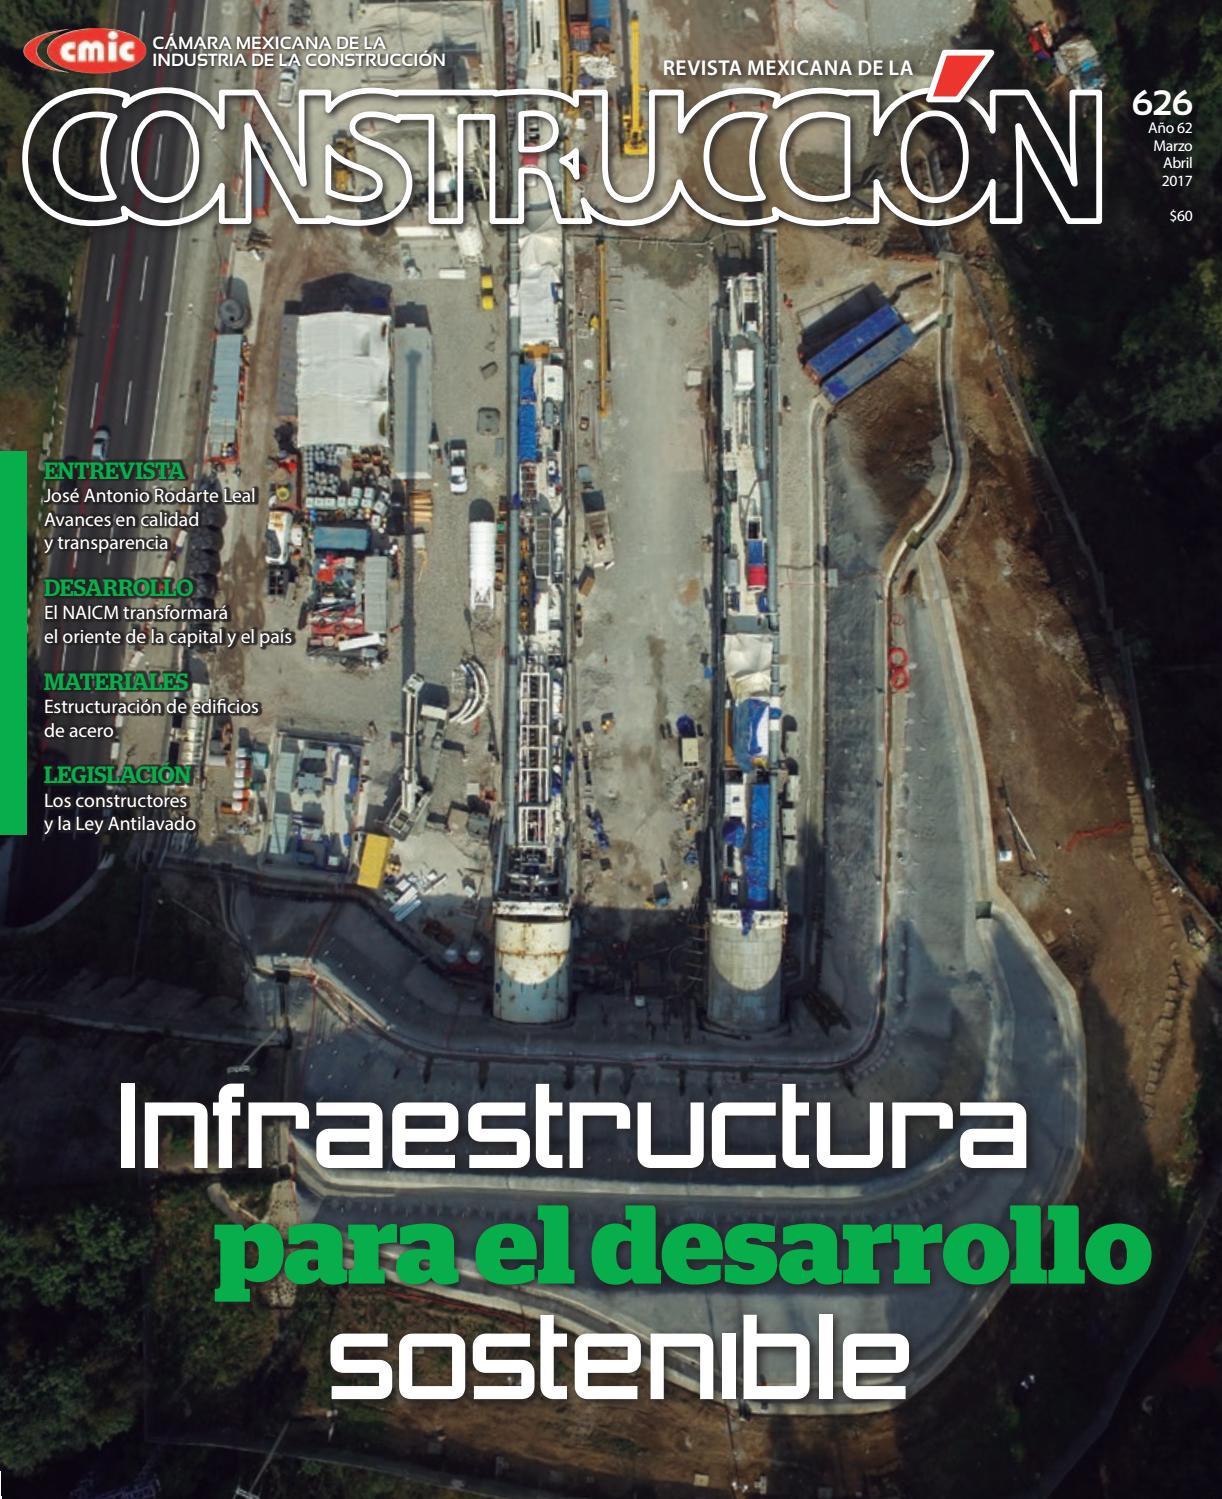 Revista Mexicana de la Construcción RMC 626 Marzo-Abril 2017 by ...